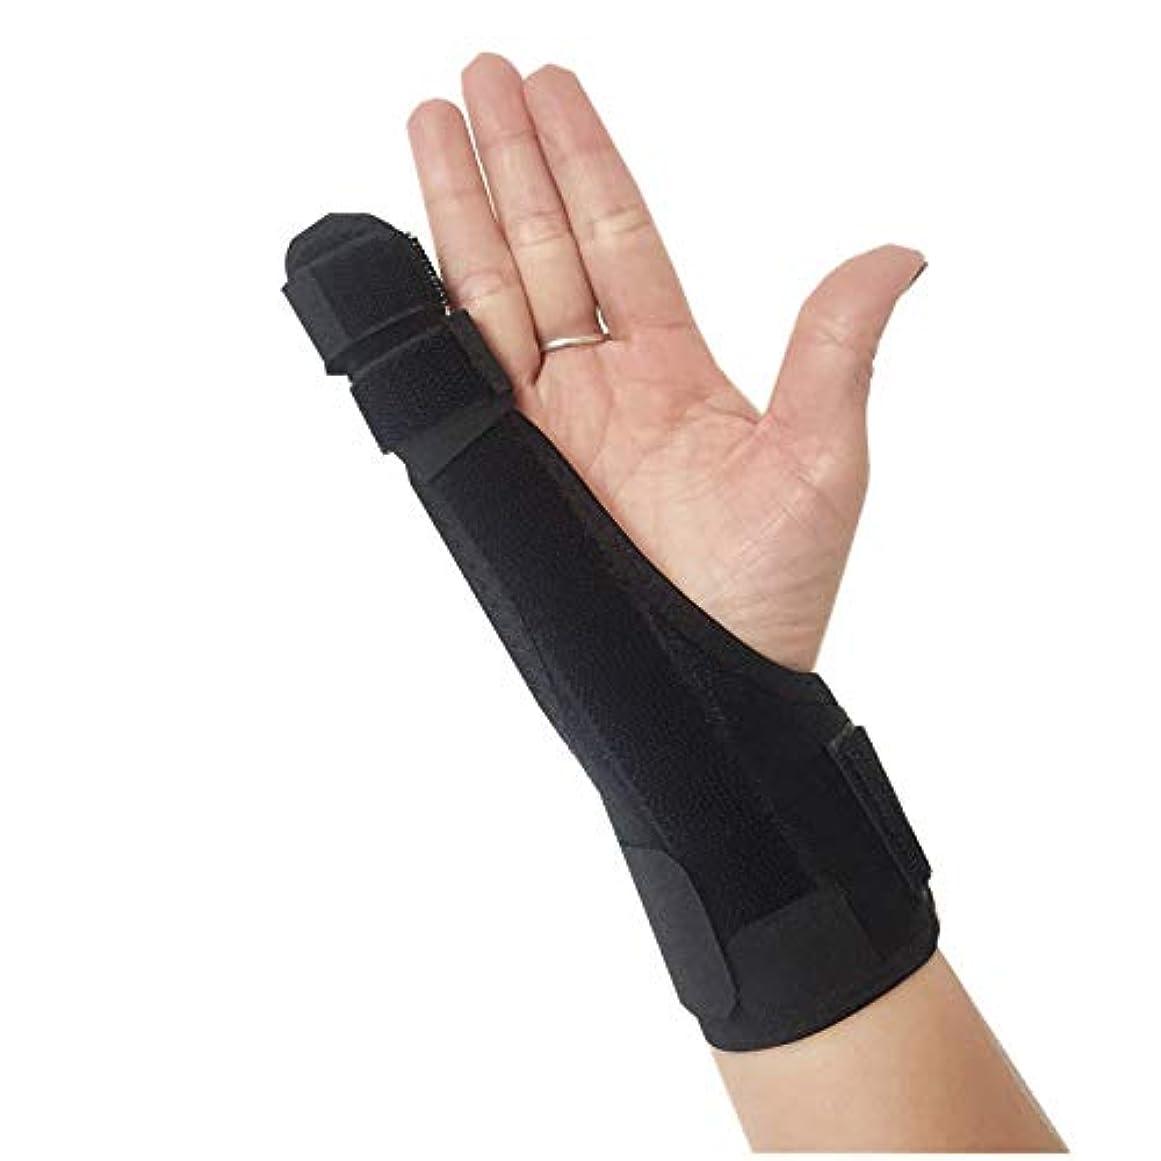 有望フレットボーカル親指、手首と手のひらのための指と手のイモビライザーの副木をトリガー|手根管、腱炎、関節炎のためのブレース